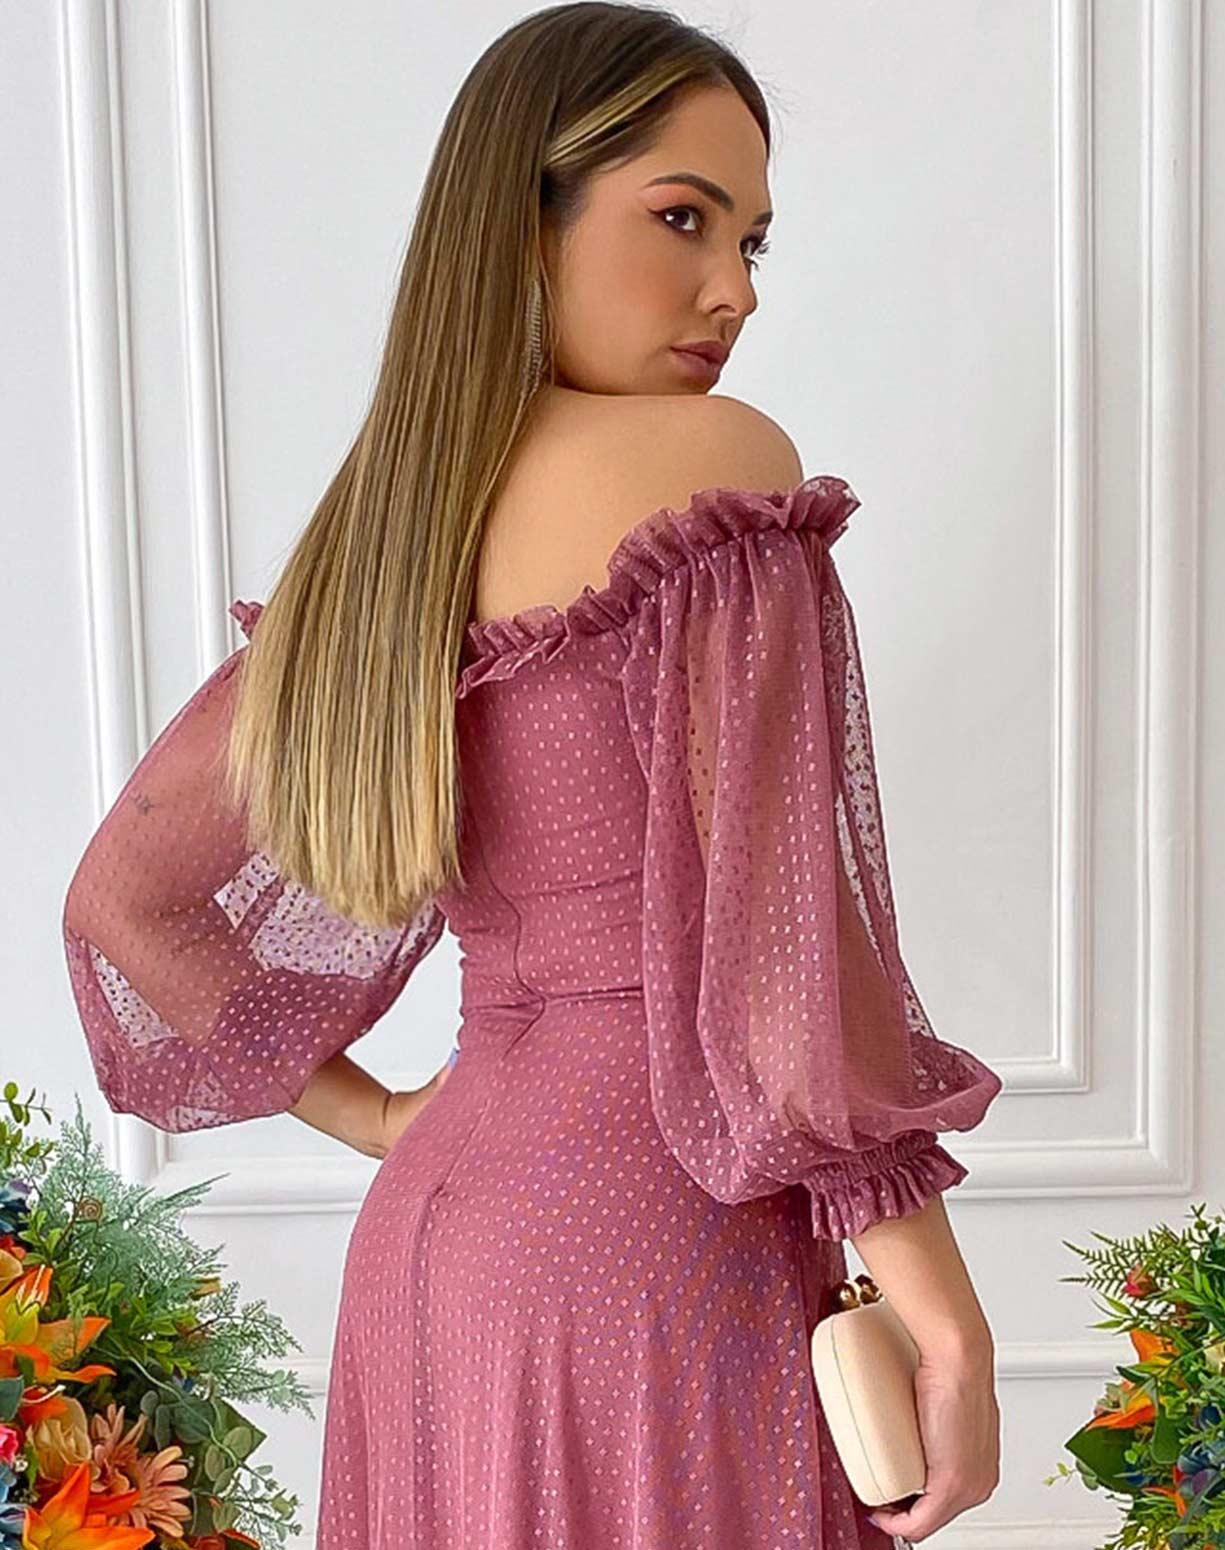 Vestido Rosa Canela Ombro a Ombro em Tule Texturizado